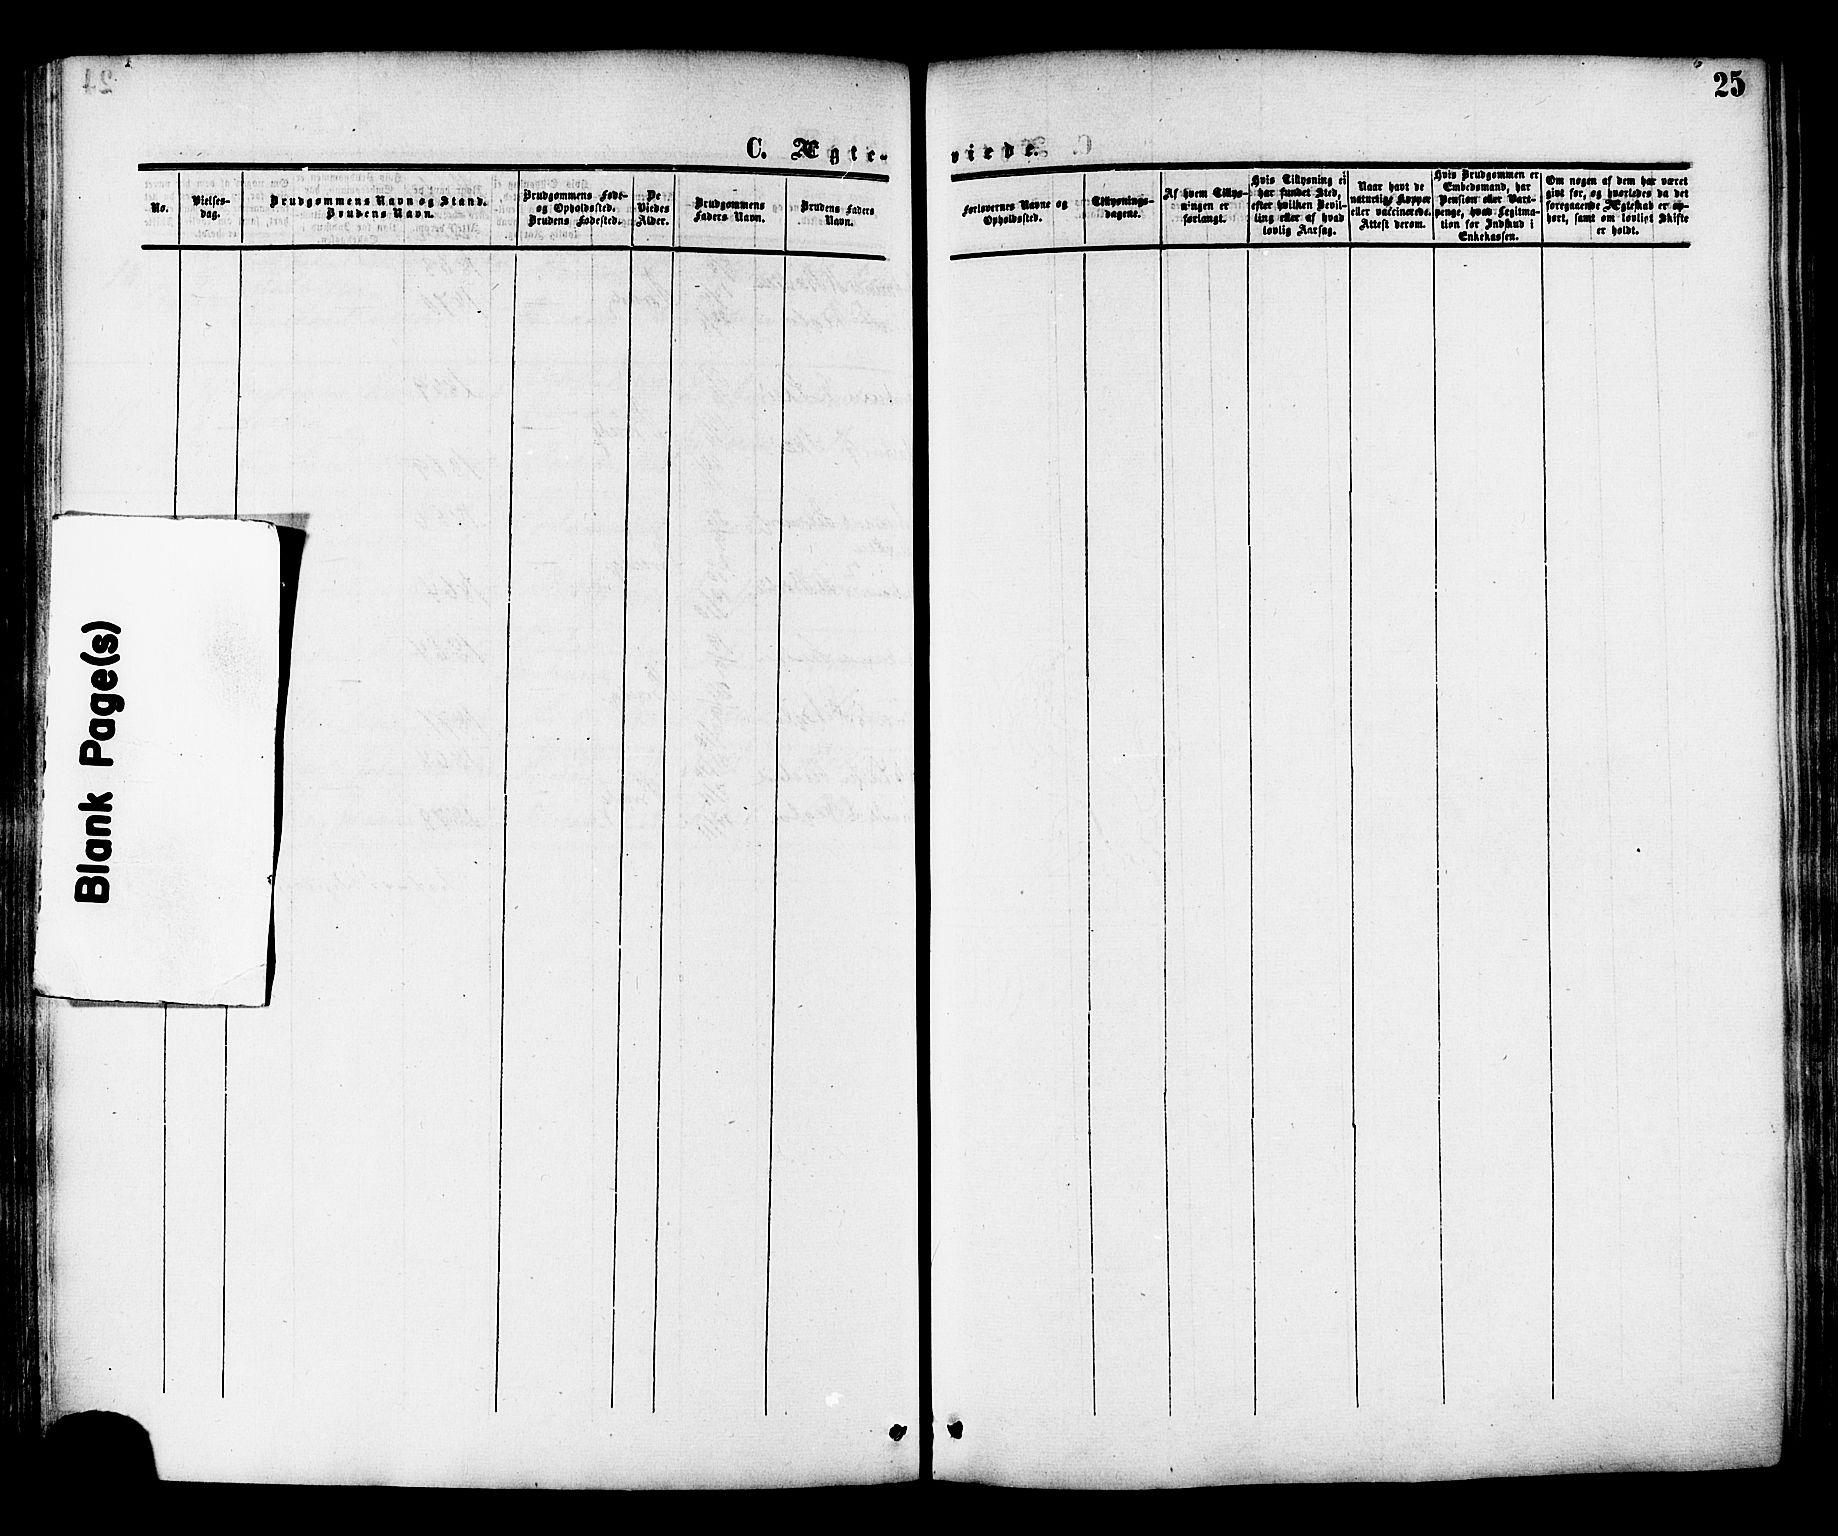 SAT, Ministerialprotokoller, klokkerbøker og fødselsregistre - Nord-Trøndelag, 764/L0553: Ministerialbok nr. 764A08, 1858-1880, s. 25